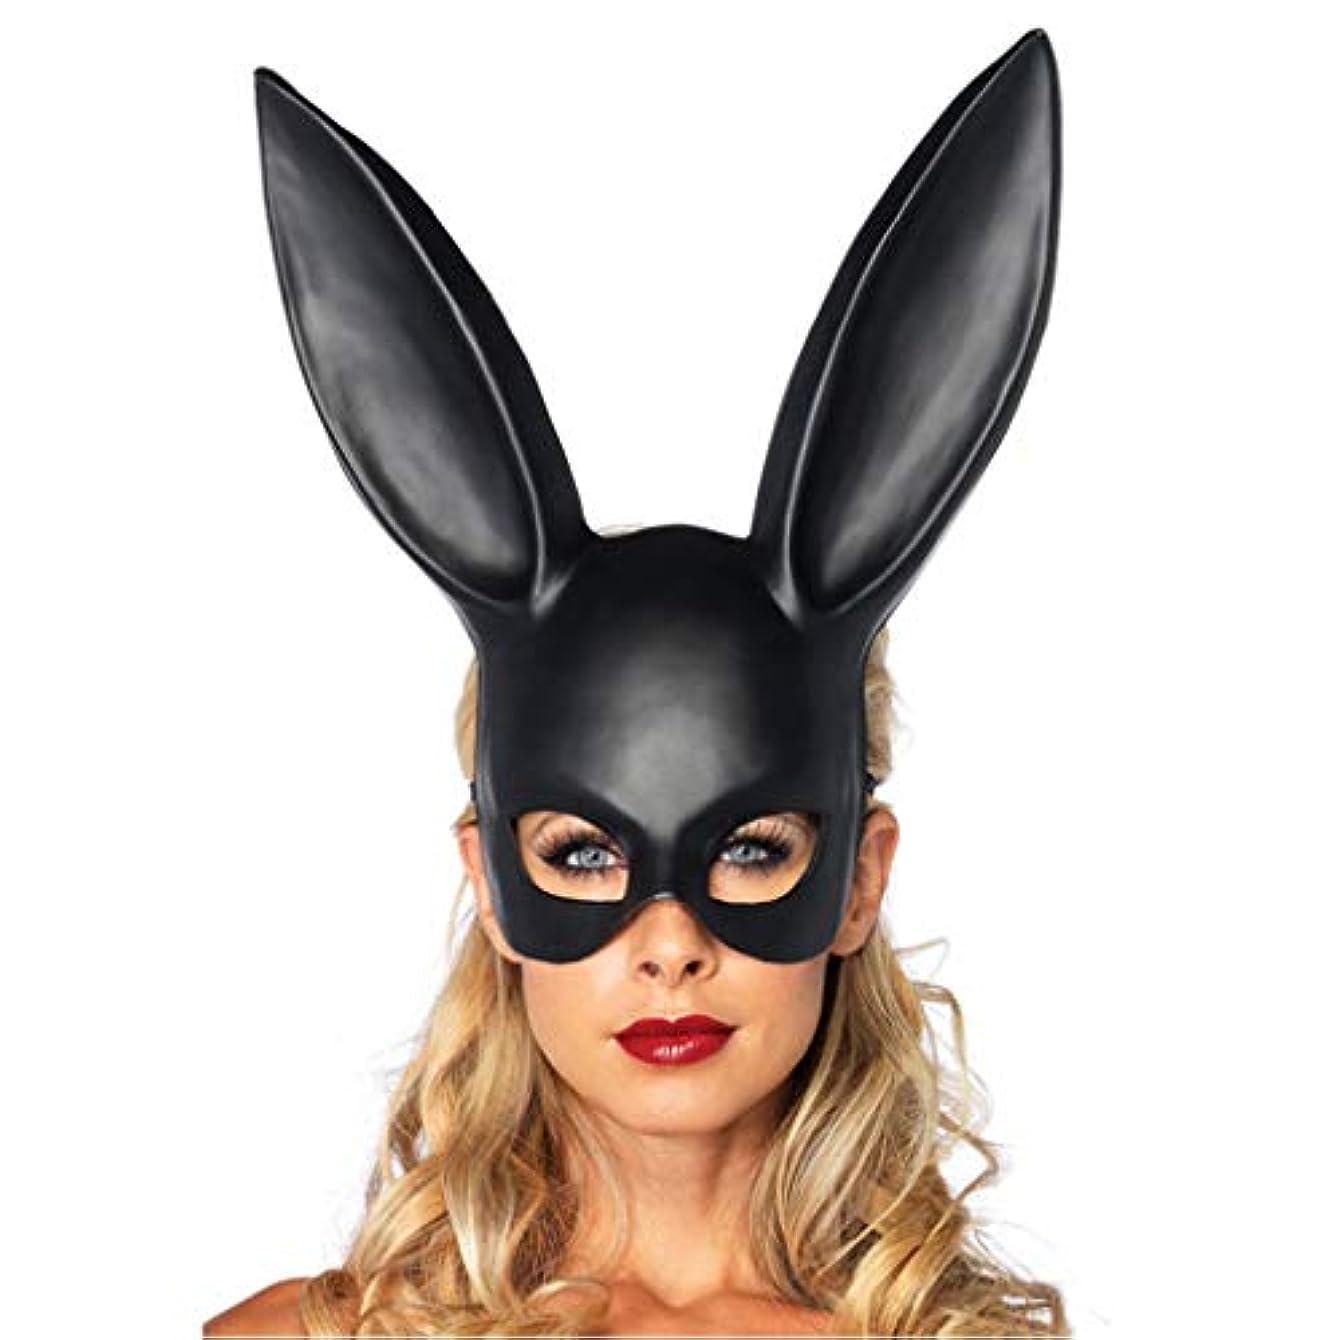 勤勉物足りない優雅なハロウィンうさぎ耳仮面舞踏会ボールパーティーコスプレコスチュームパーティー (Color : BRIGHT BLACK)